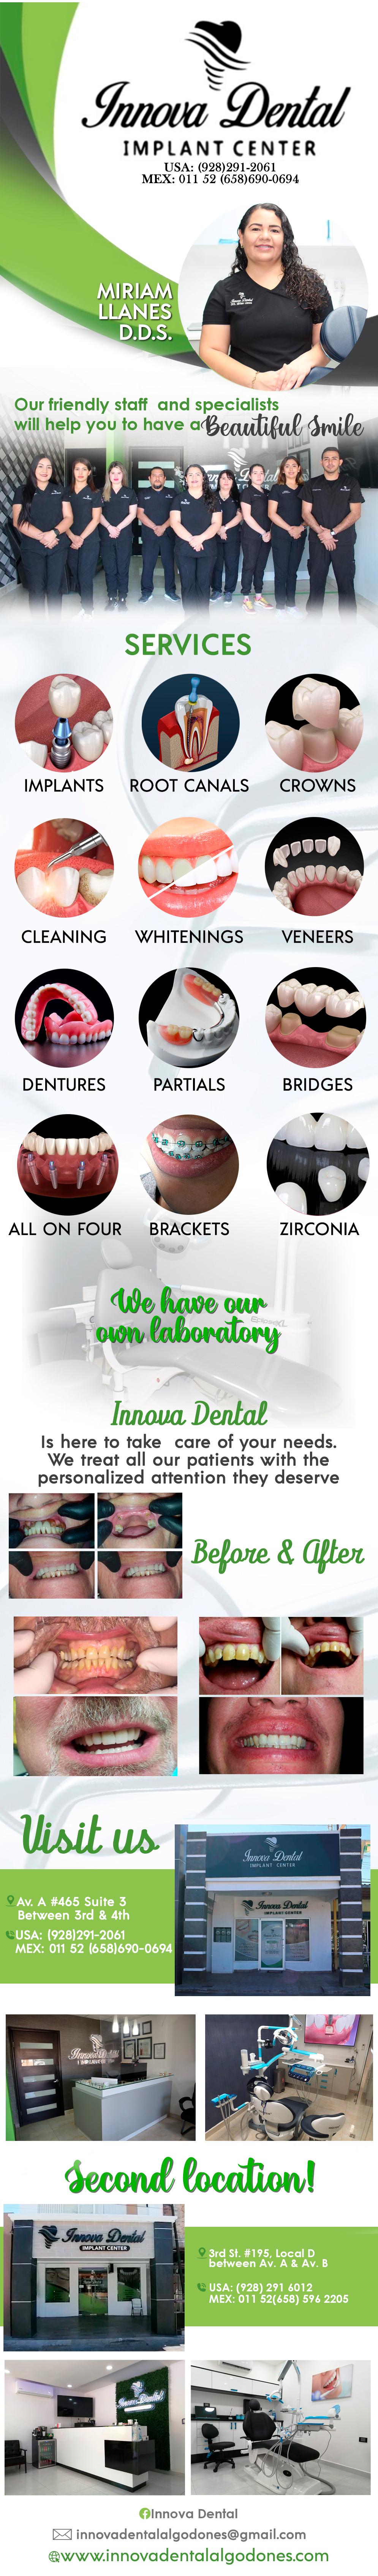 INNOVA DENTAL- Miryam Yanez D.D.S. in Algodones  in Algodones  Innova Dental, Implants, Root Canals,  Crowns, Cleanings,  Whitenings,   Veneers, Dentures,   Partials,   Bridges              Innova Dental, Implants, Root Canals,  Crowns, Cleanings,  Whitenings,   Veneers, Dentures,   Partials,   Bridges